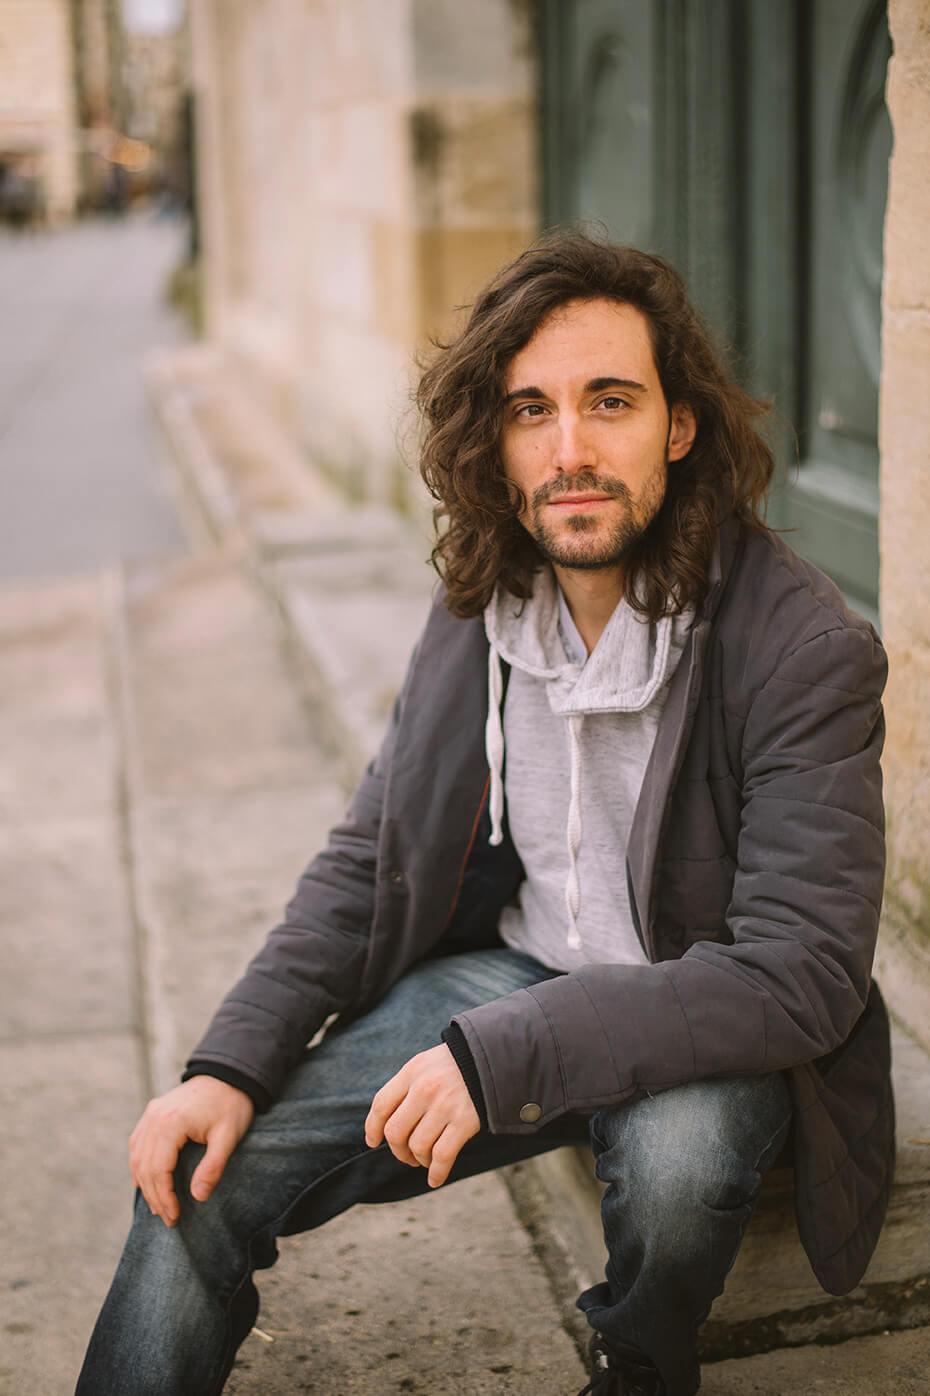 Photographie de portrait de Thibault Flatreau par Laura Van Puymbroeck